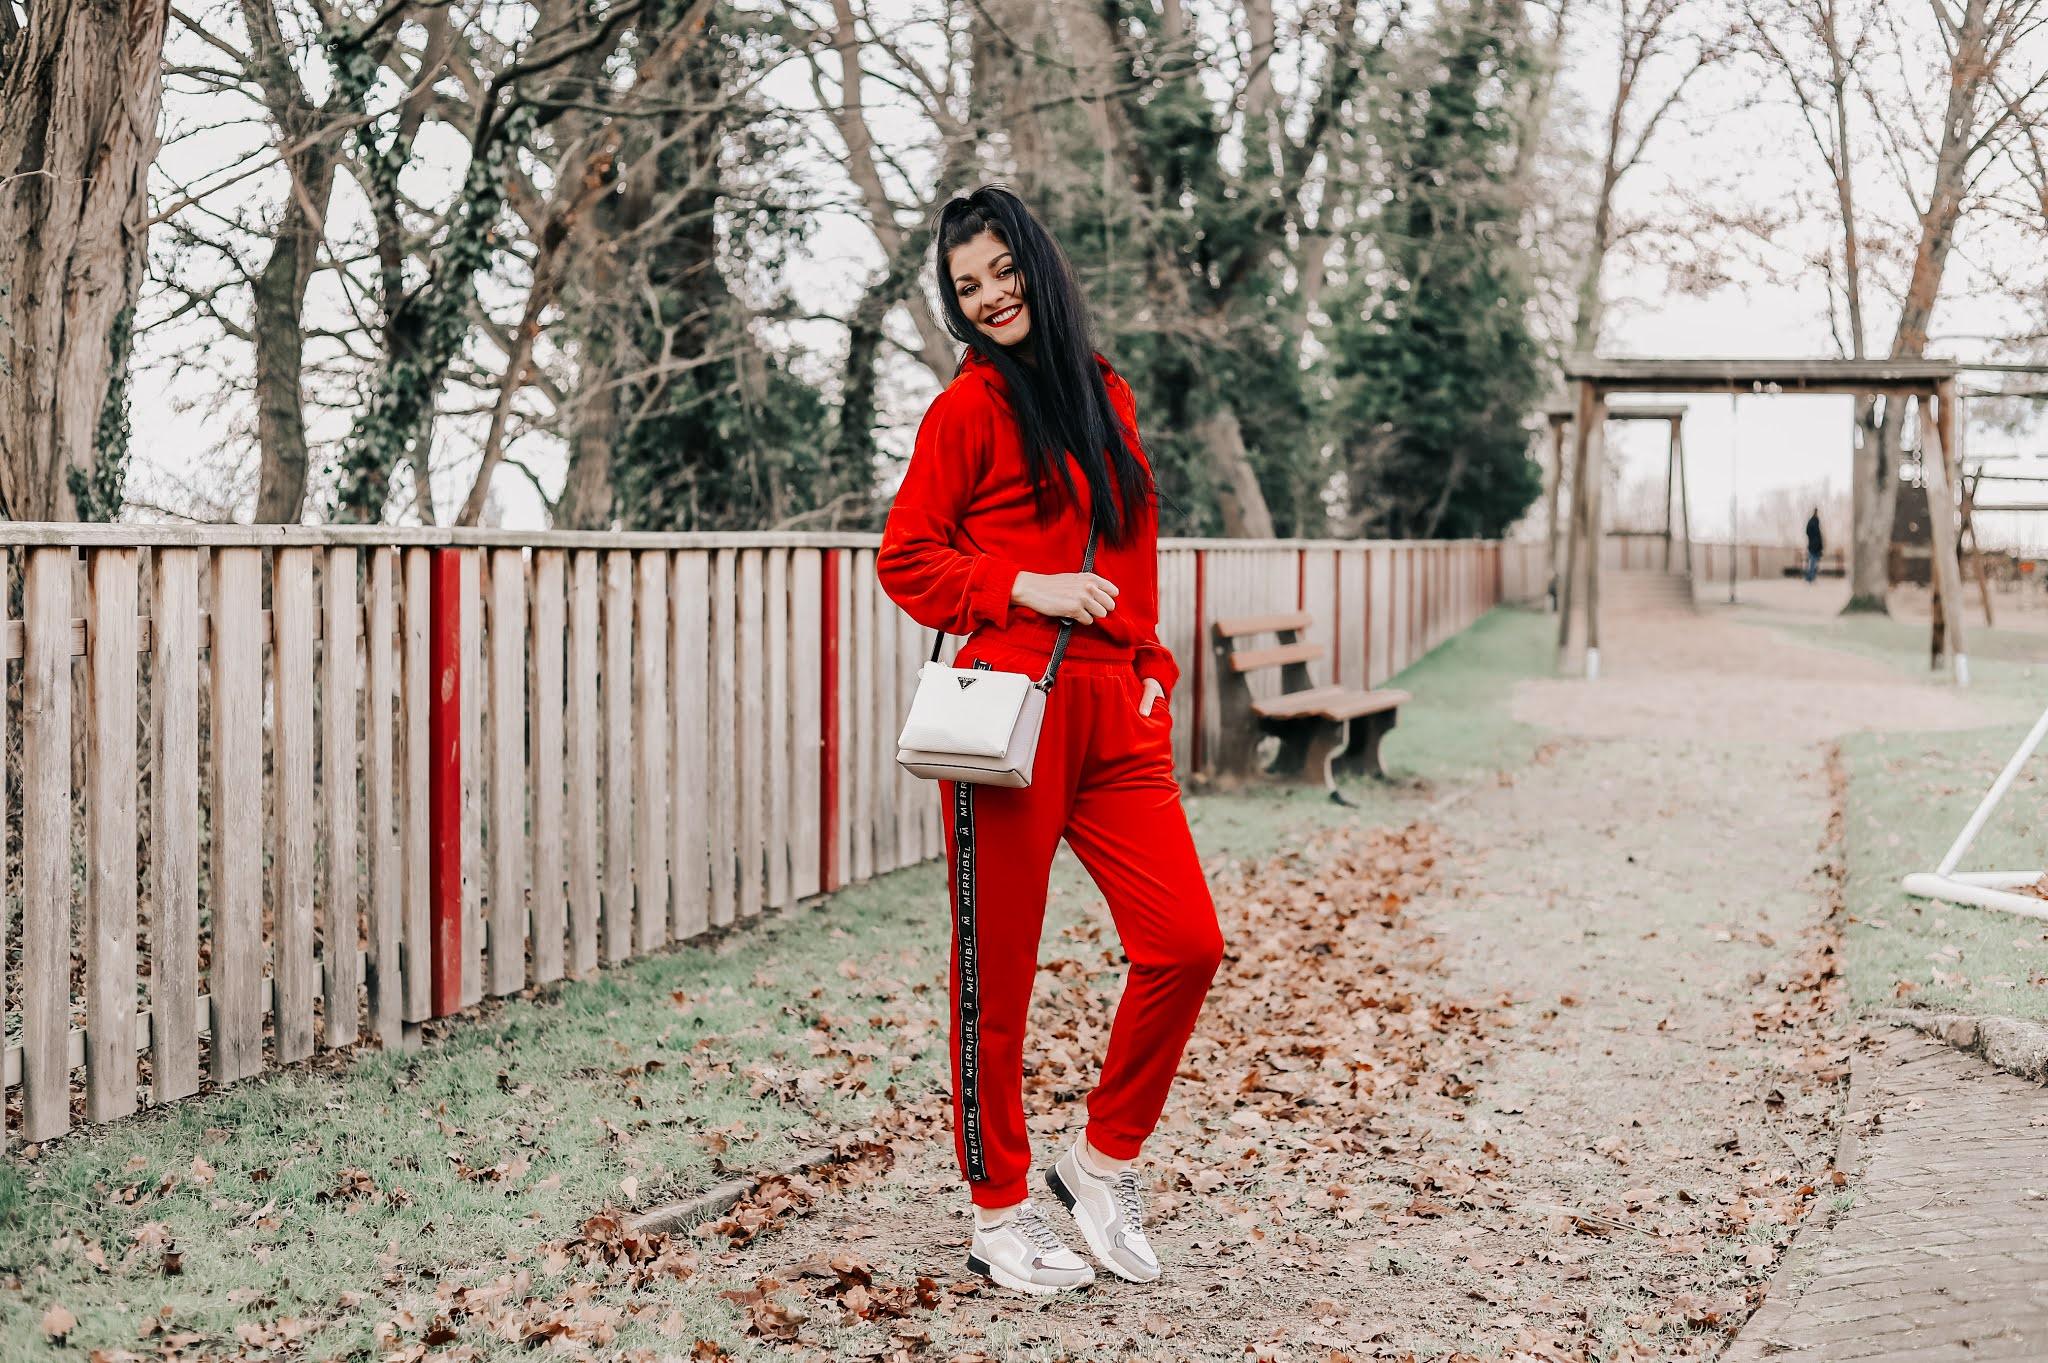 czerwony dres